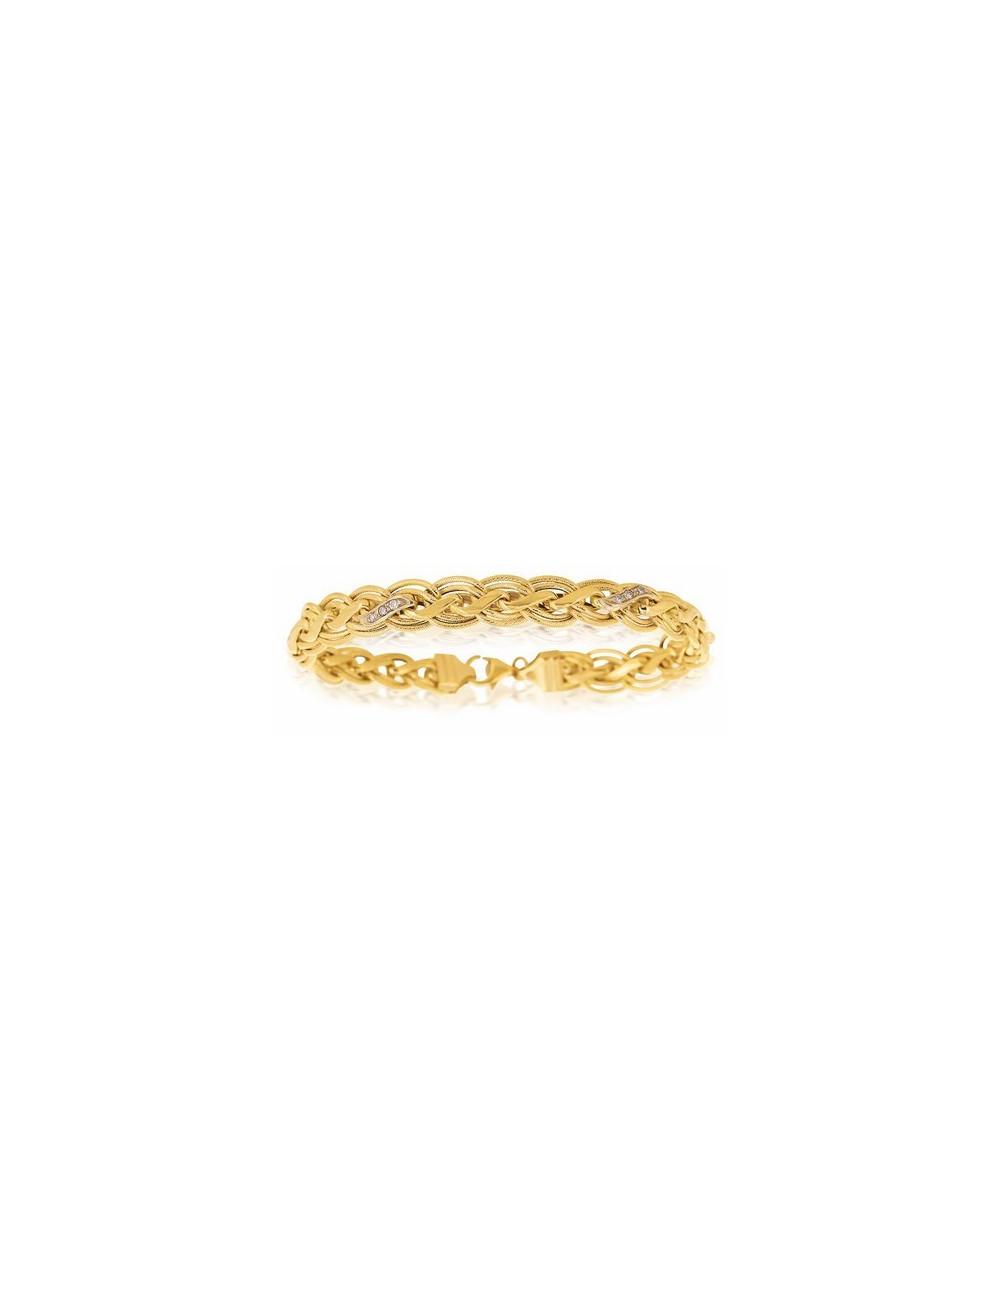 bracelet femme or jaune 750/1000